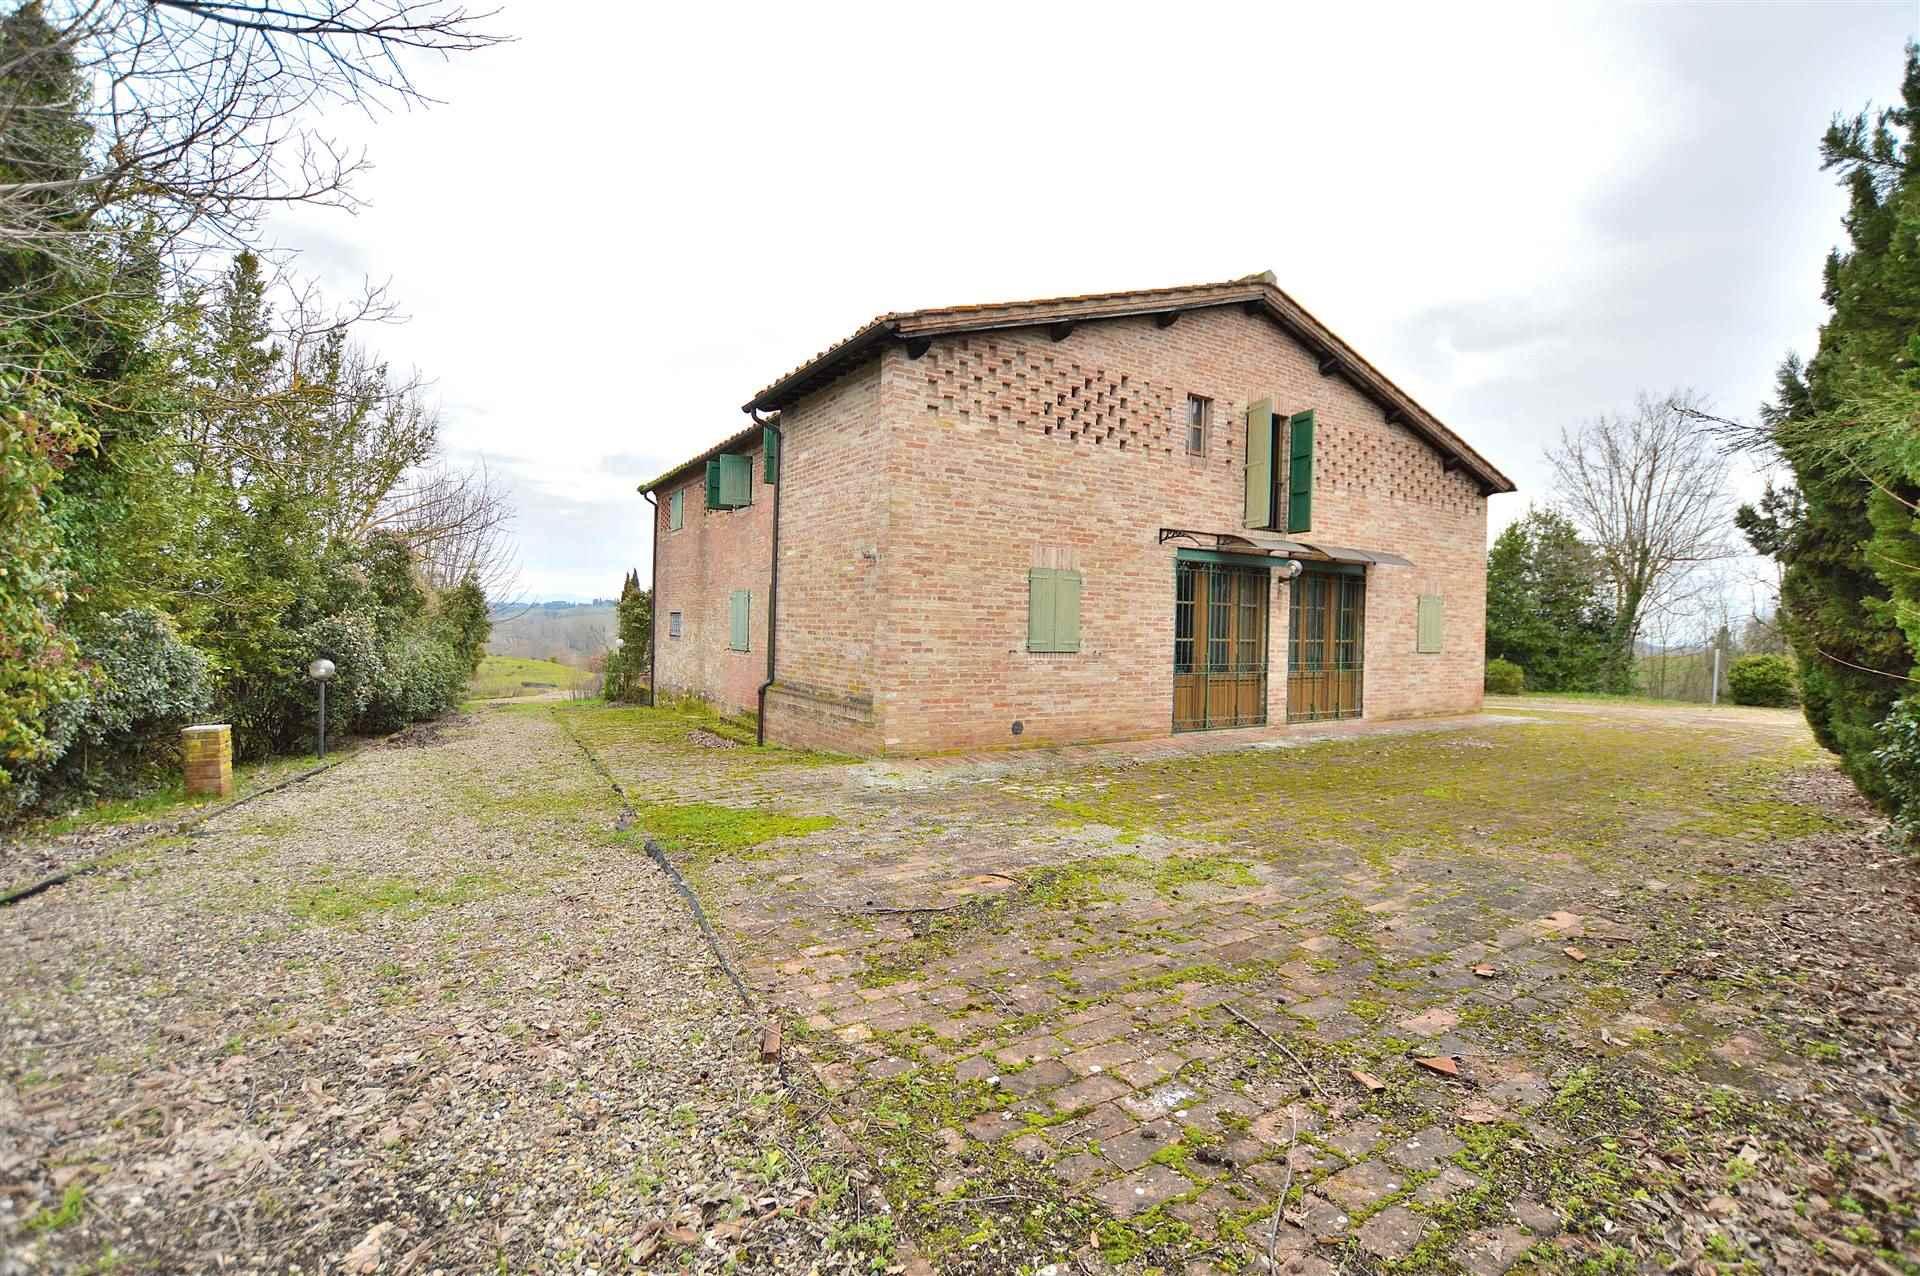 In località Fogliano, alle porte di Siena in posizione dominante con magnifica vista sulla città, proponiamo antico casale indipendente recentemente